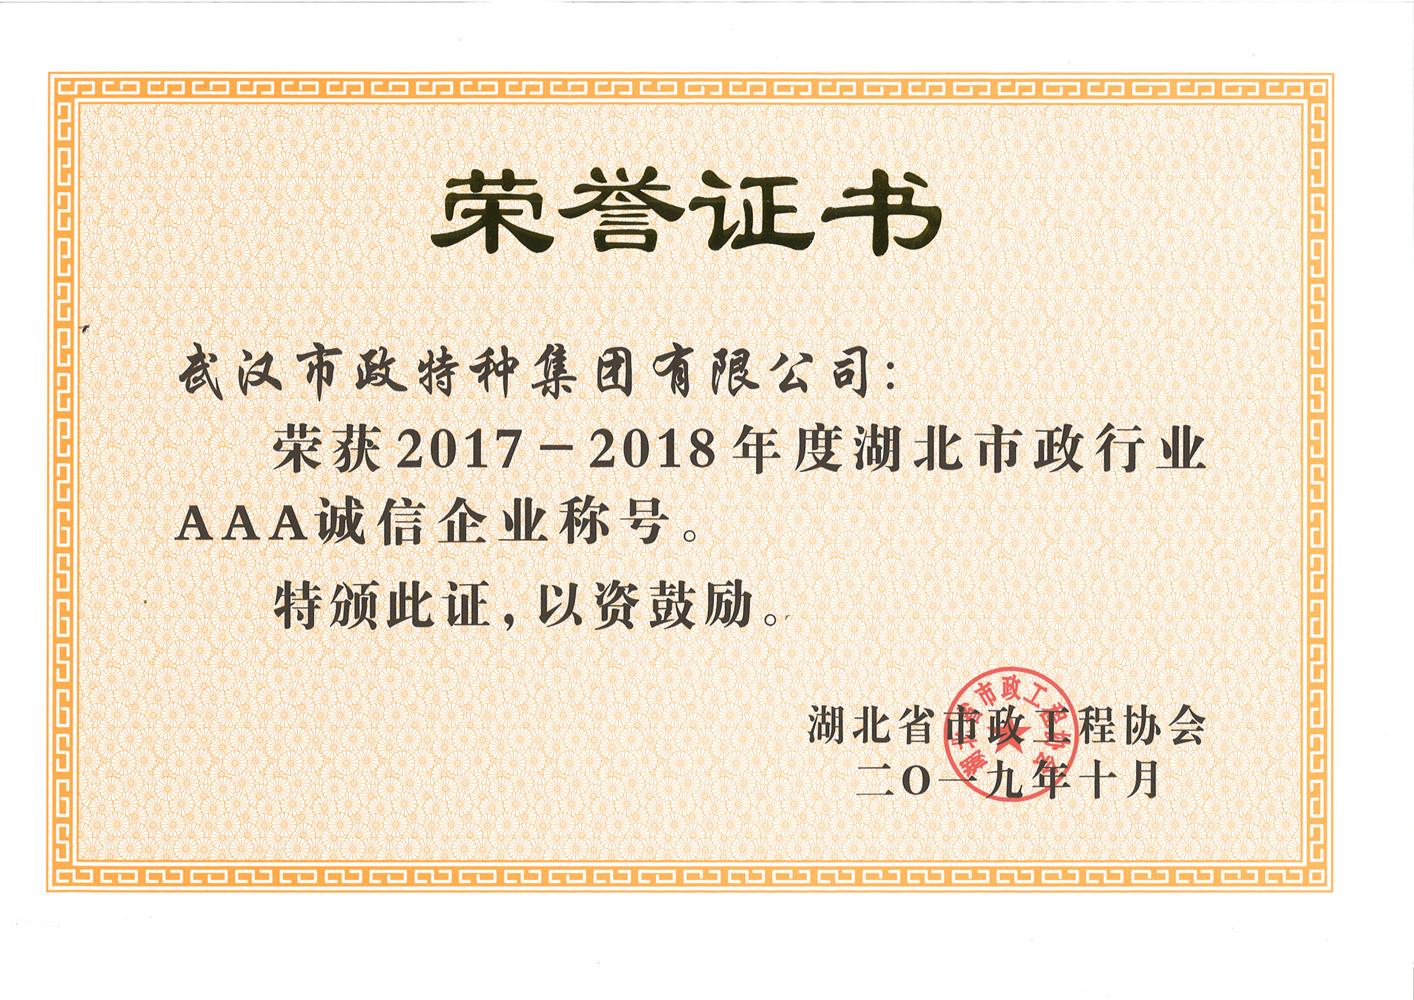 省市政行业AAA诚信企业称号